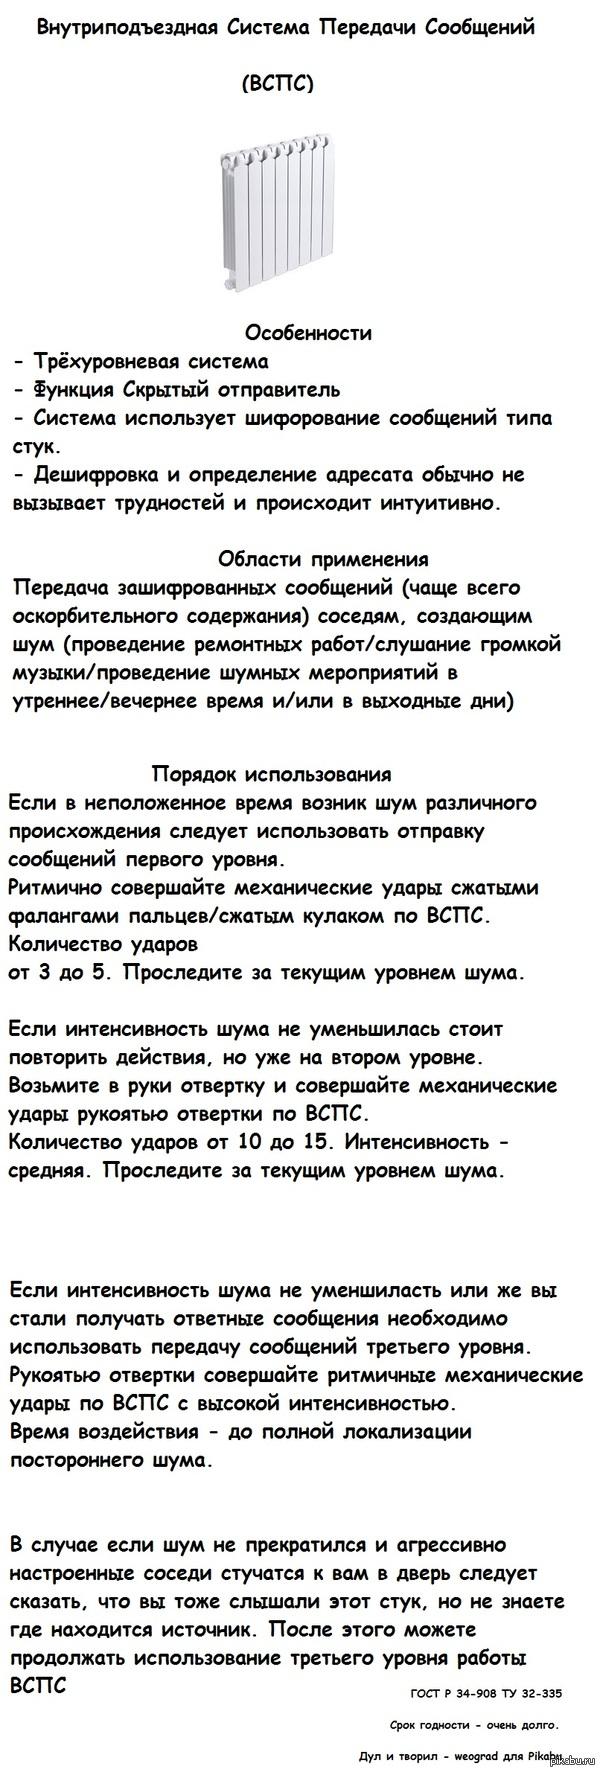 ВСПС Инструкция